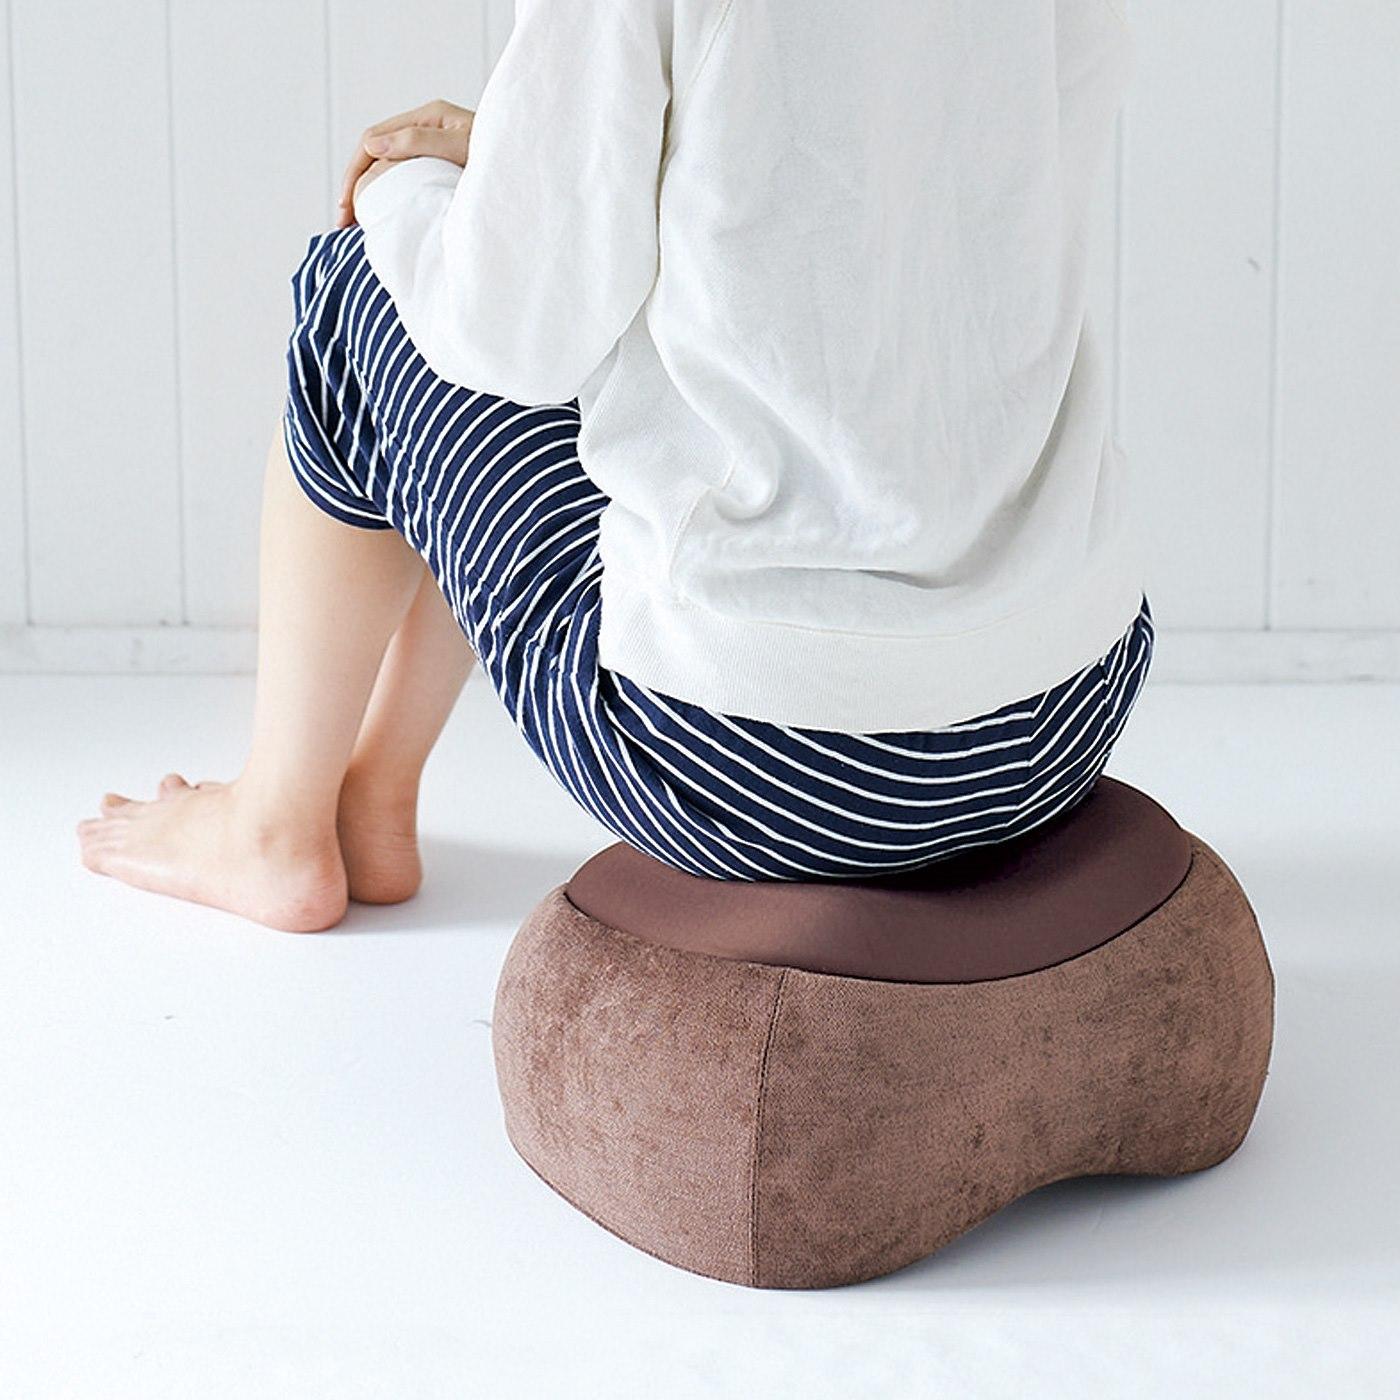 傾斜のあるステッパーの上に座ることで、骨盤まわりをストレッチ。